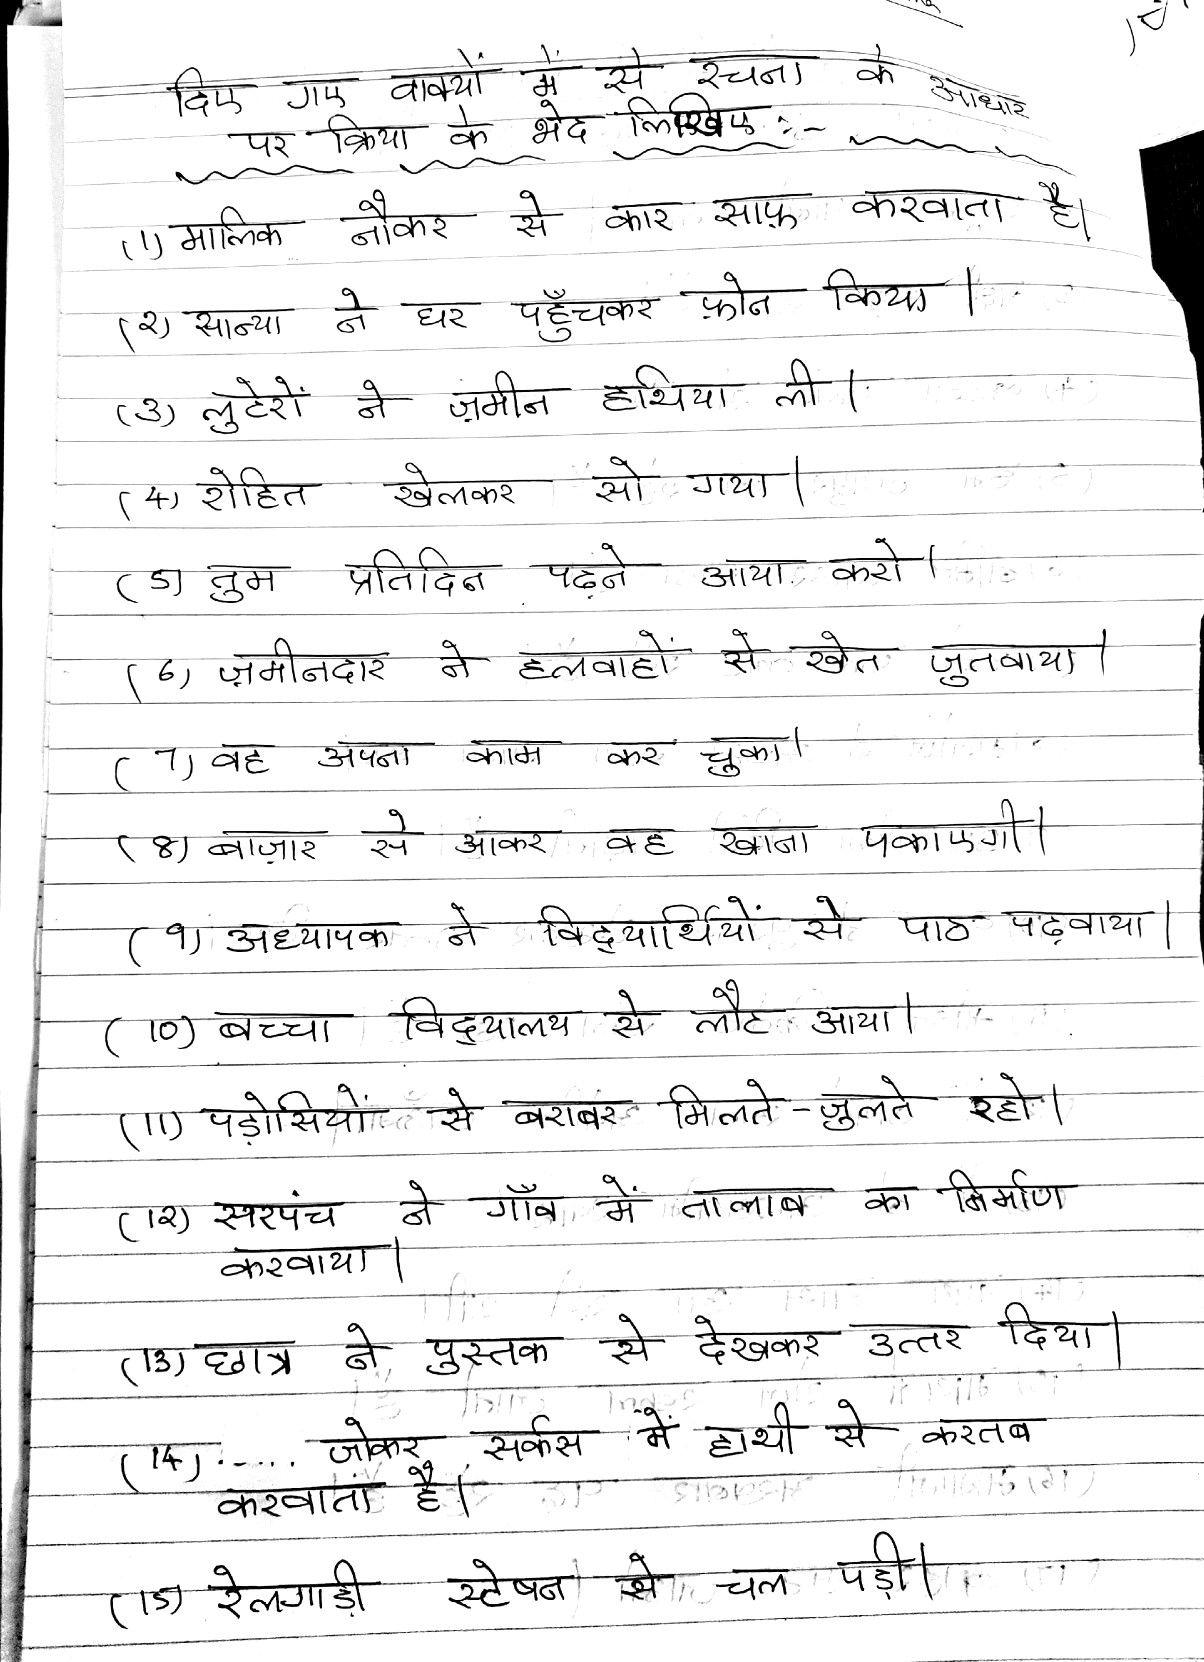 medium resolution of KRIYA -- रचना के आधार पर क्रिया के भेद (PREETHA)   Hindi worksheets